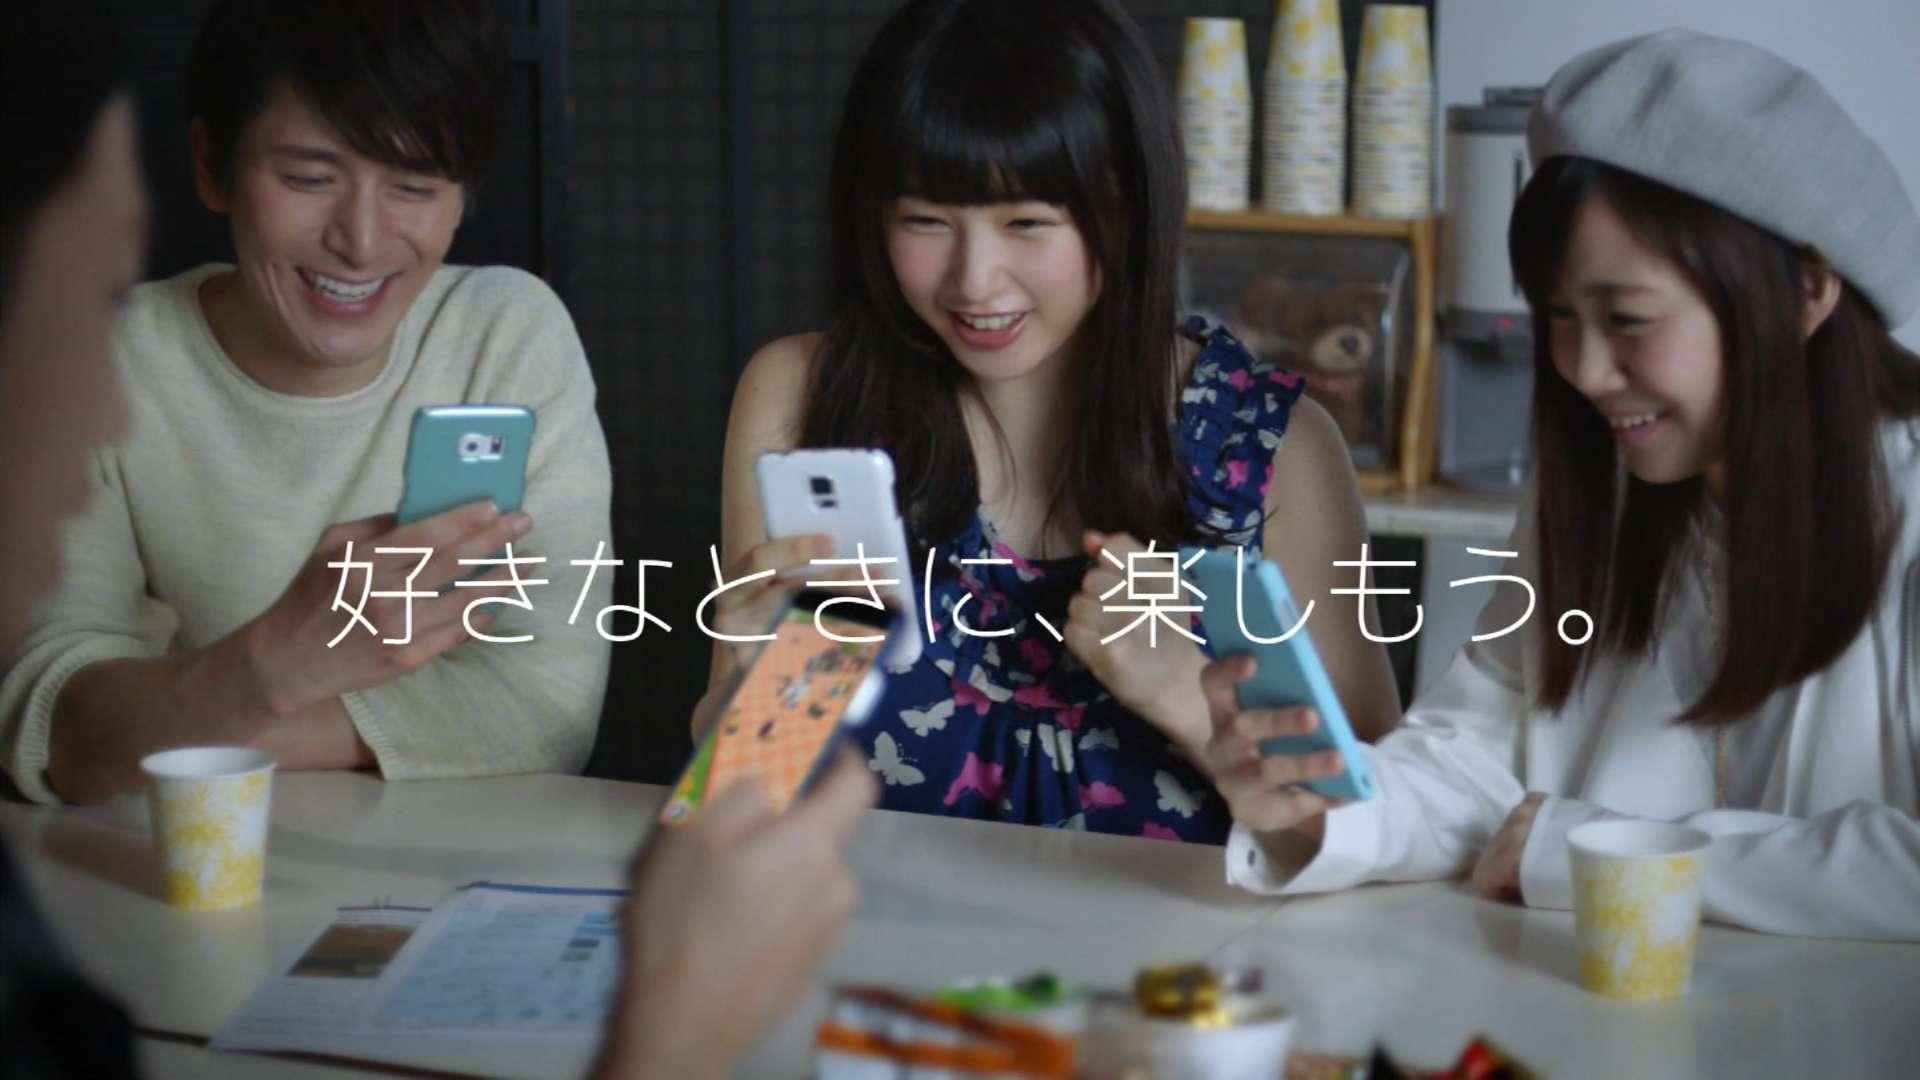 桜井日奈子 画像13